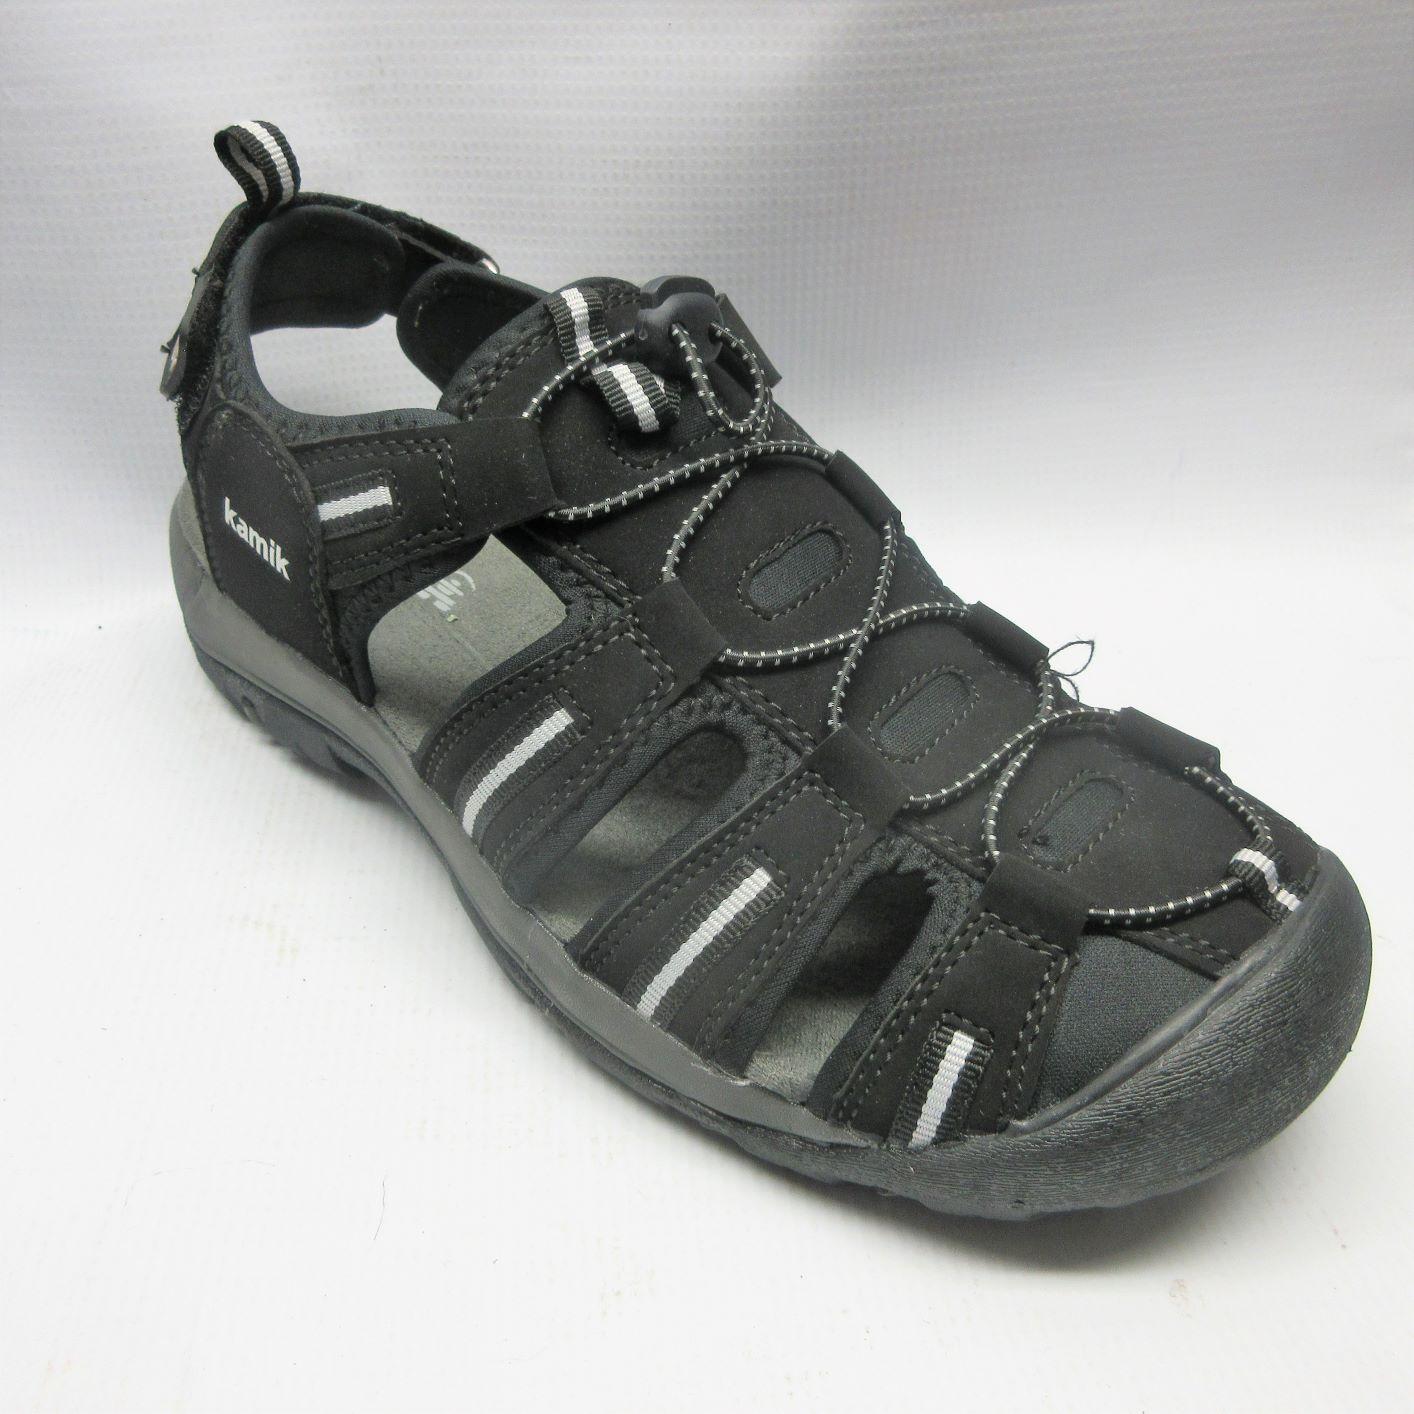 Kamik Sandals Men Capemay in Black